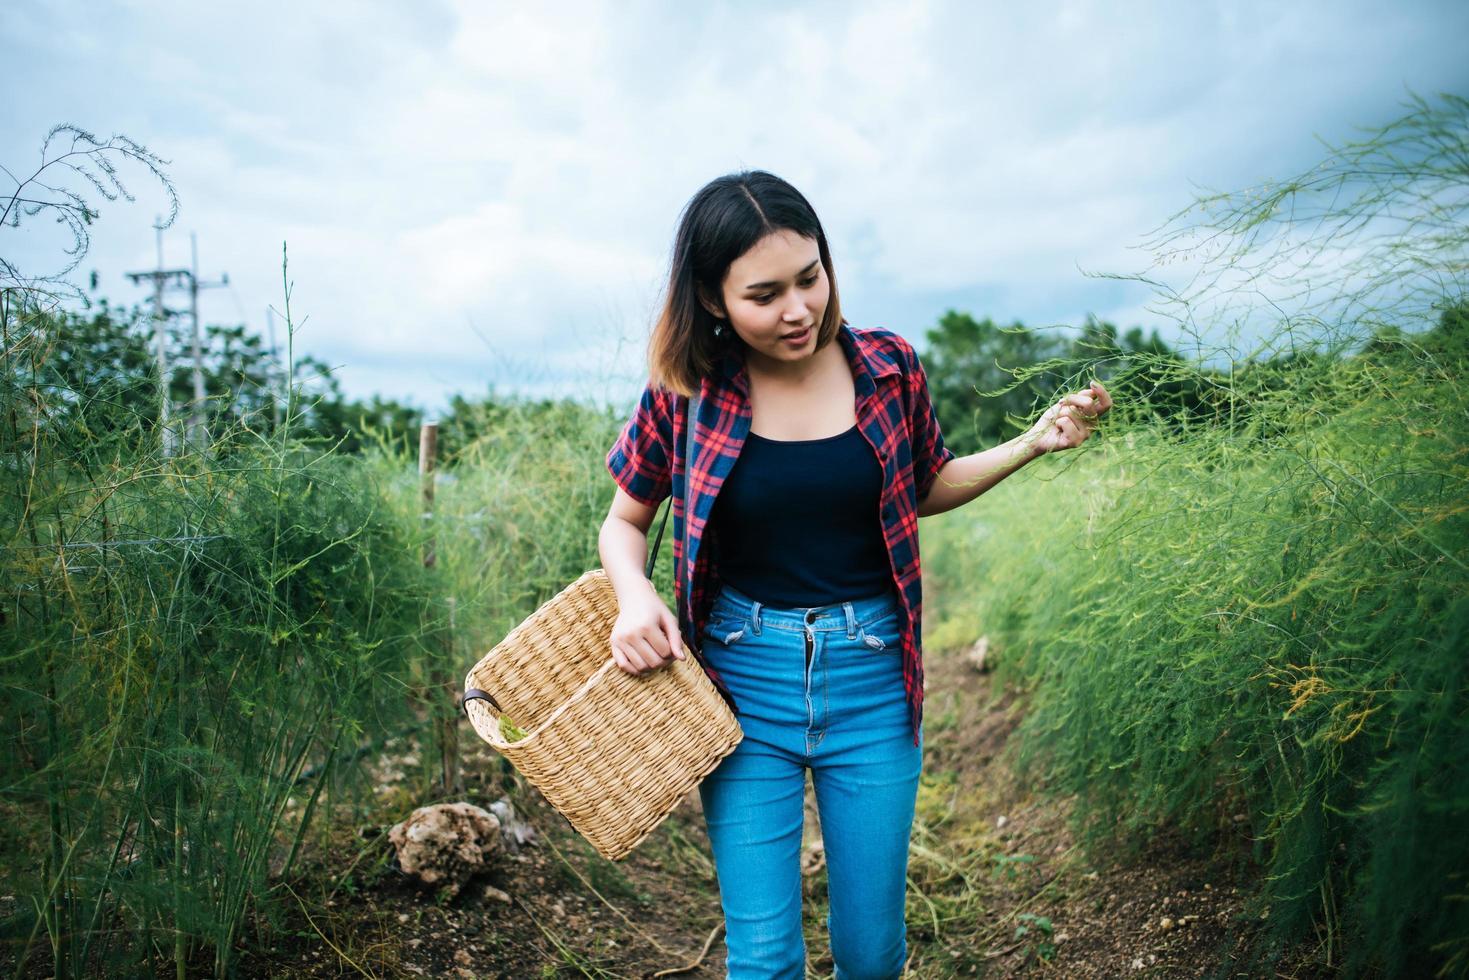 joven agricultor cosechando espárragos frescos foto